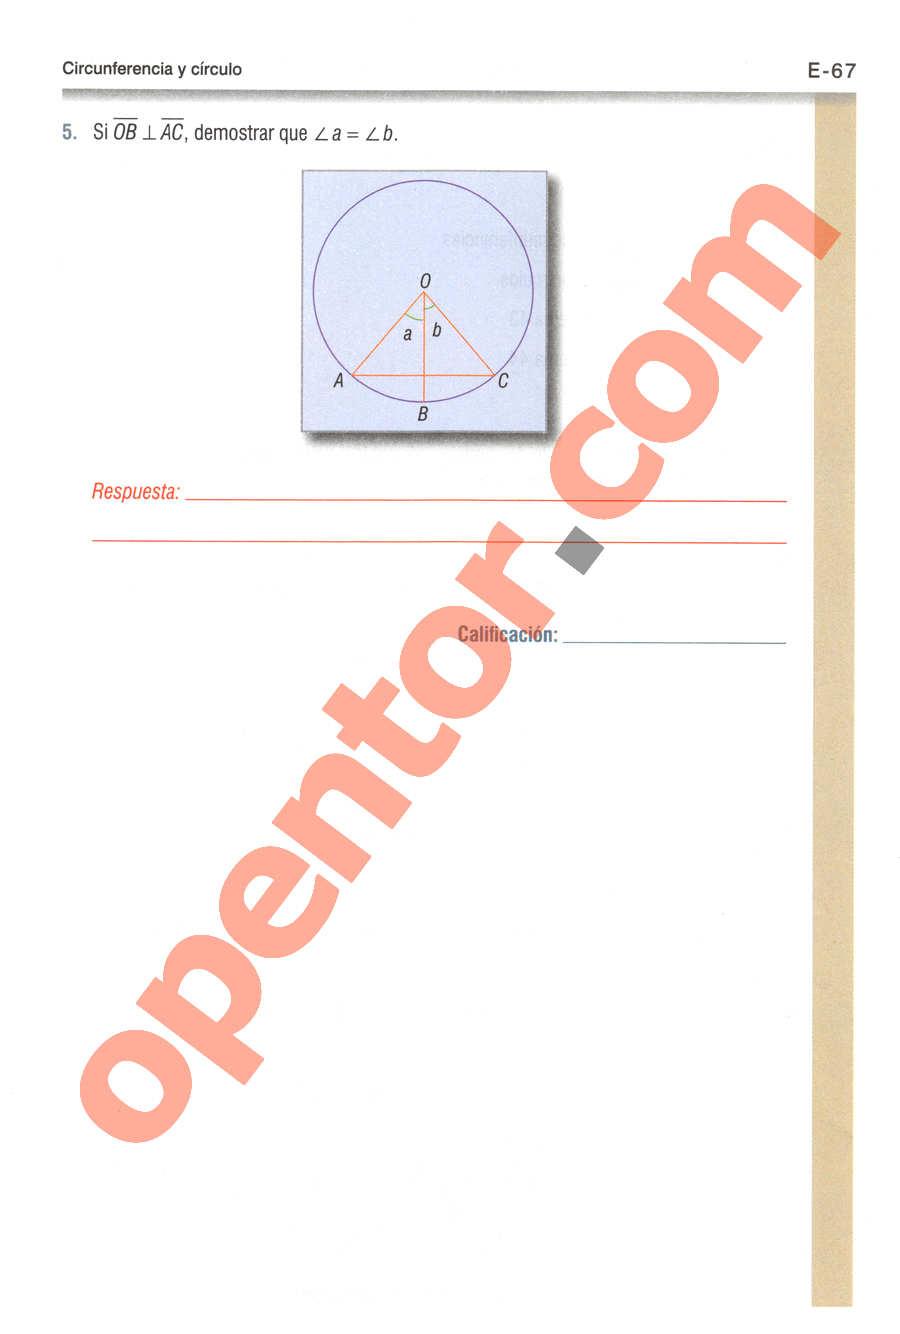 Geometría y Trigonometría de Baldor - Página E67